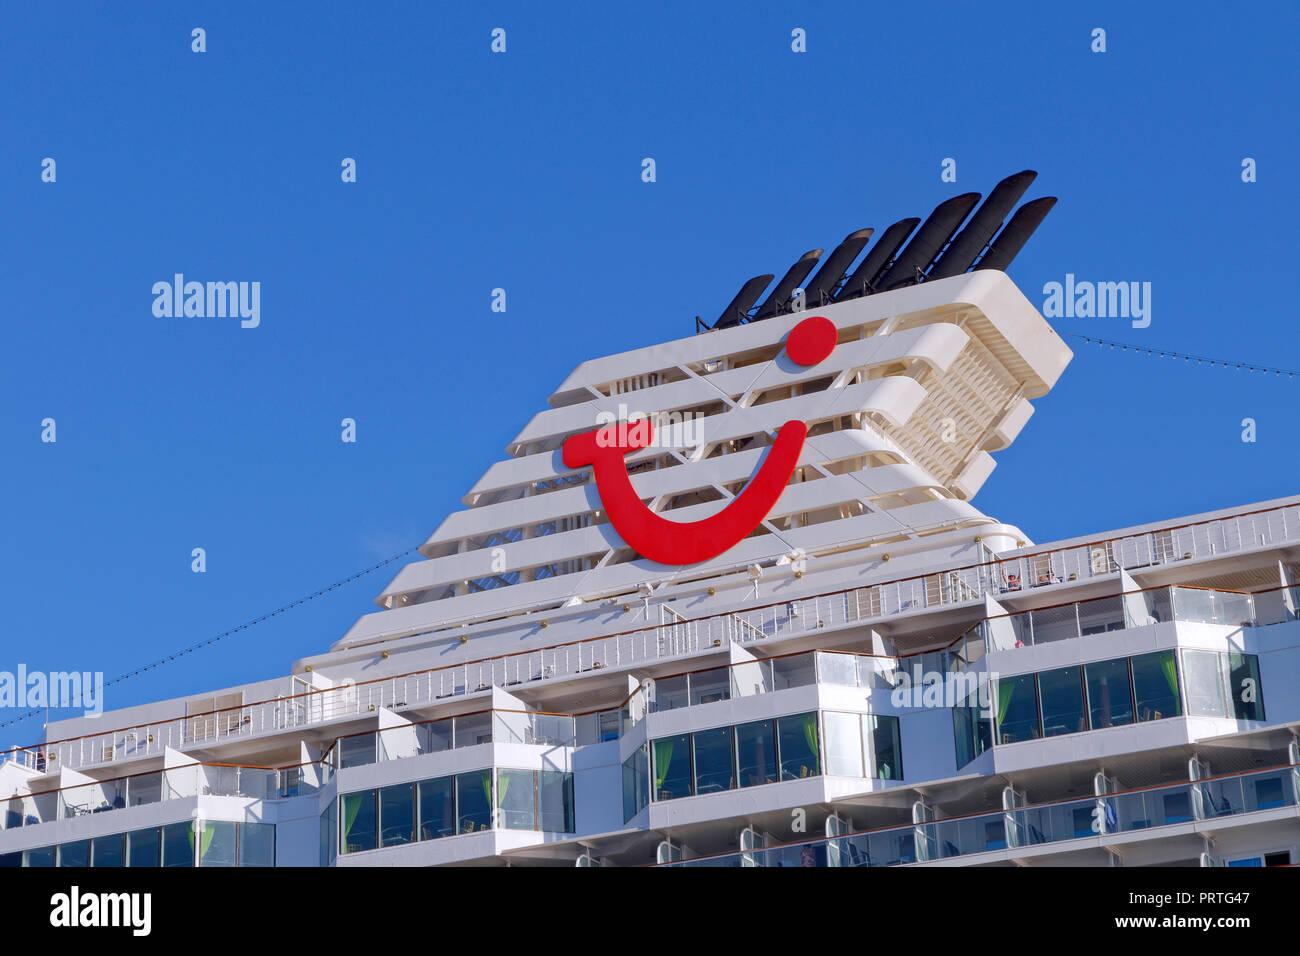 TUI Travel logo aziendale sulla struttura ad imbuto di TUI la nave di crociera. Immagini Stock